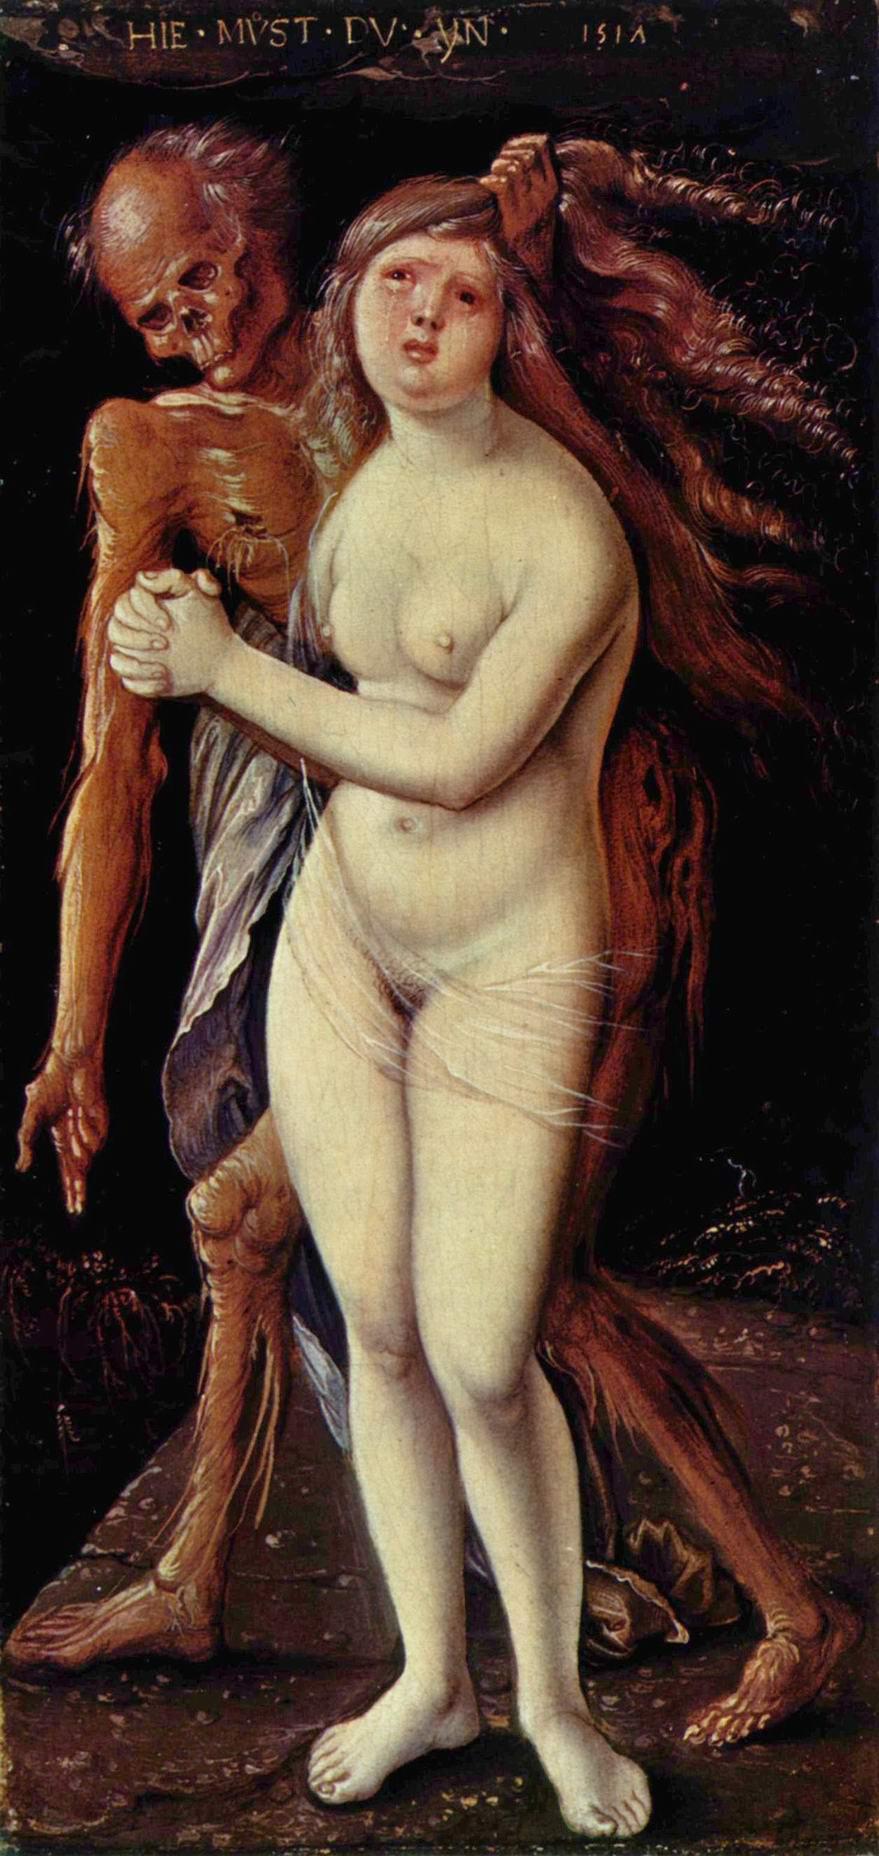 Бальдунг Ханс-Смерть и дева (Смерть и Сладострастие), Бальдунг Ханс